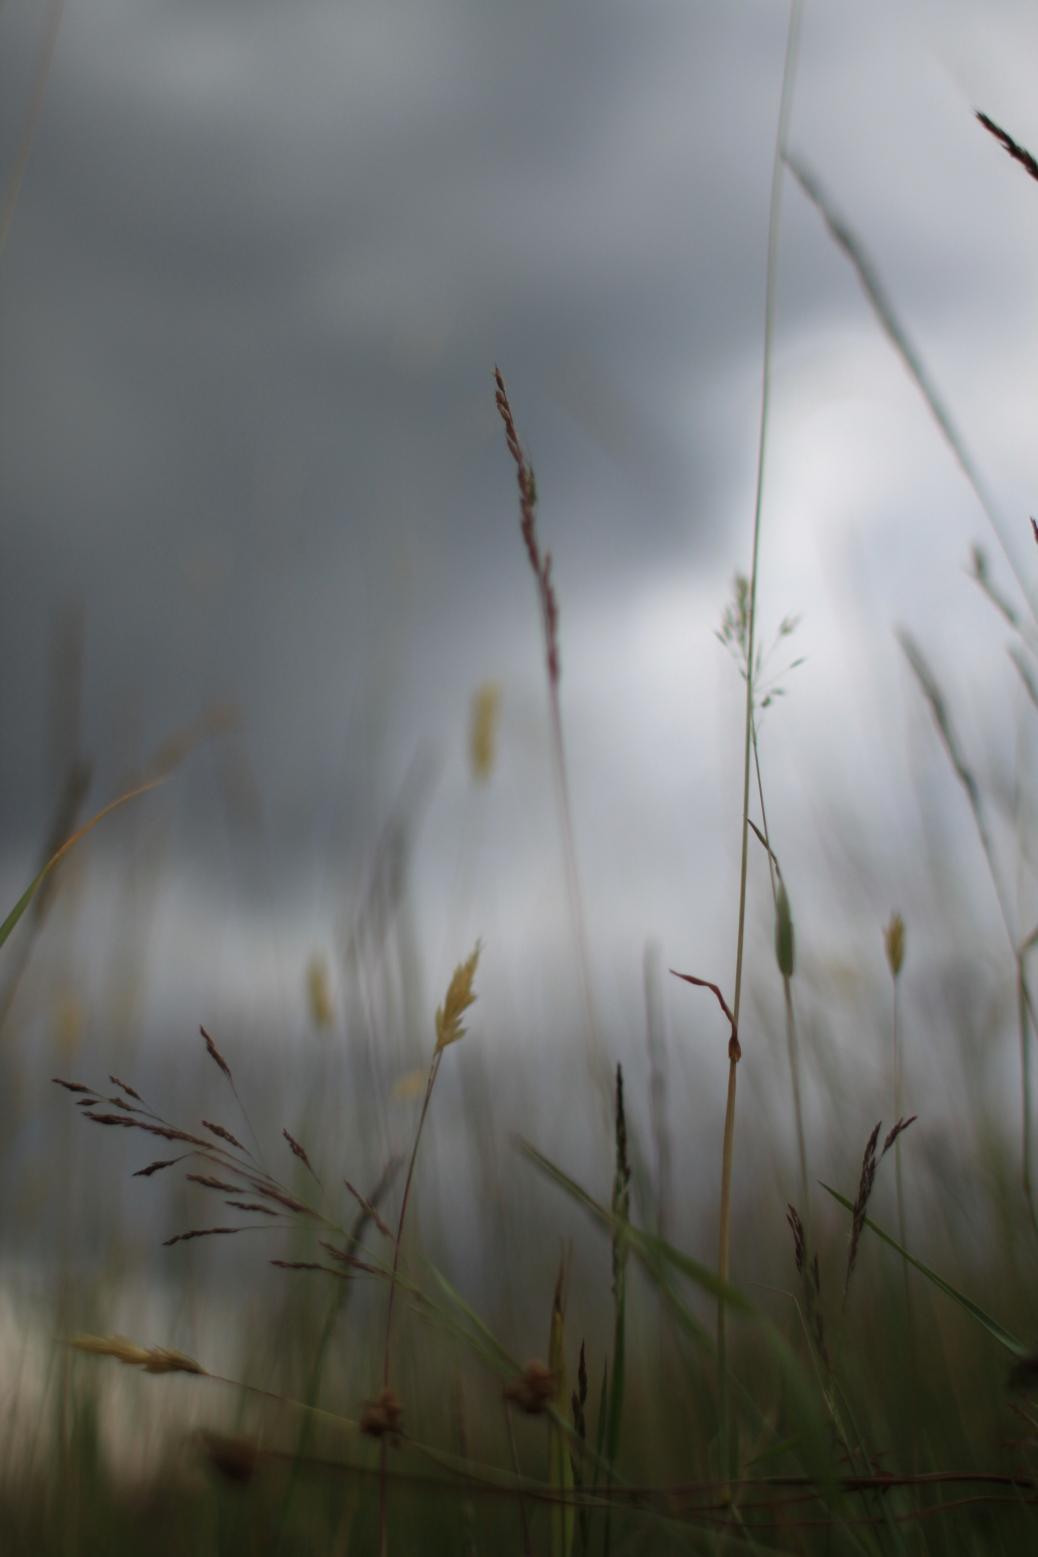 Gras vor Sommergewitter